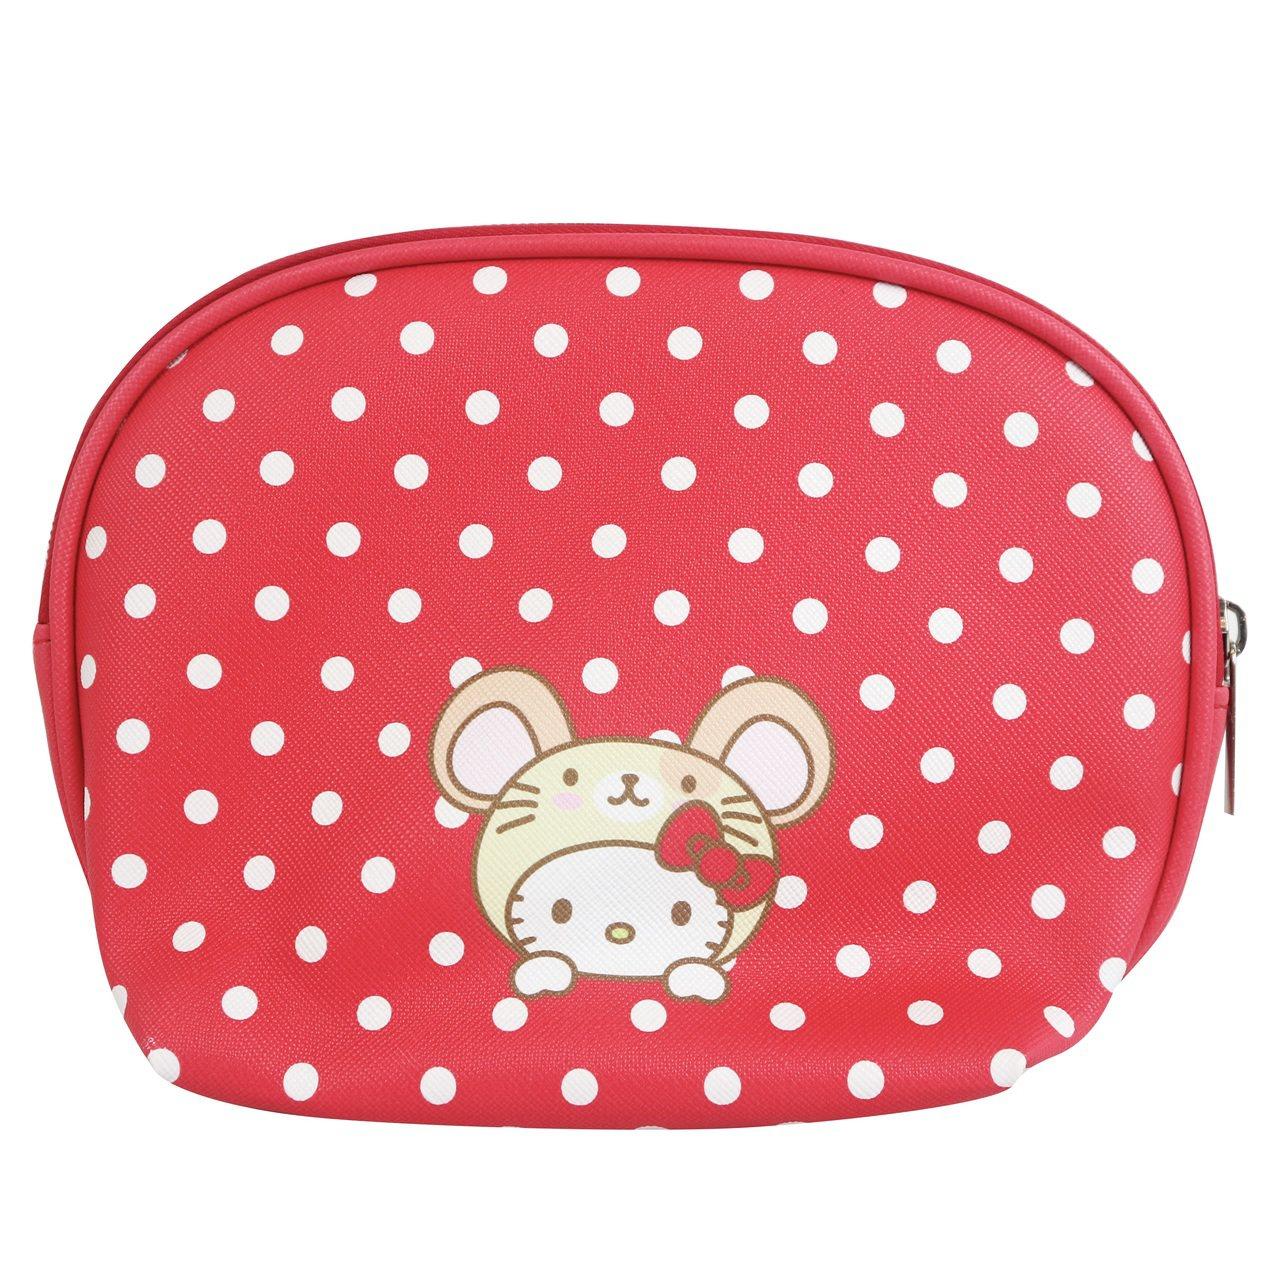 7-ELEVEN「Hello Kitty金鼠年限定萬用包」點點款背面。圖/7-E...